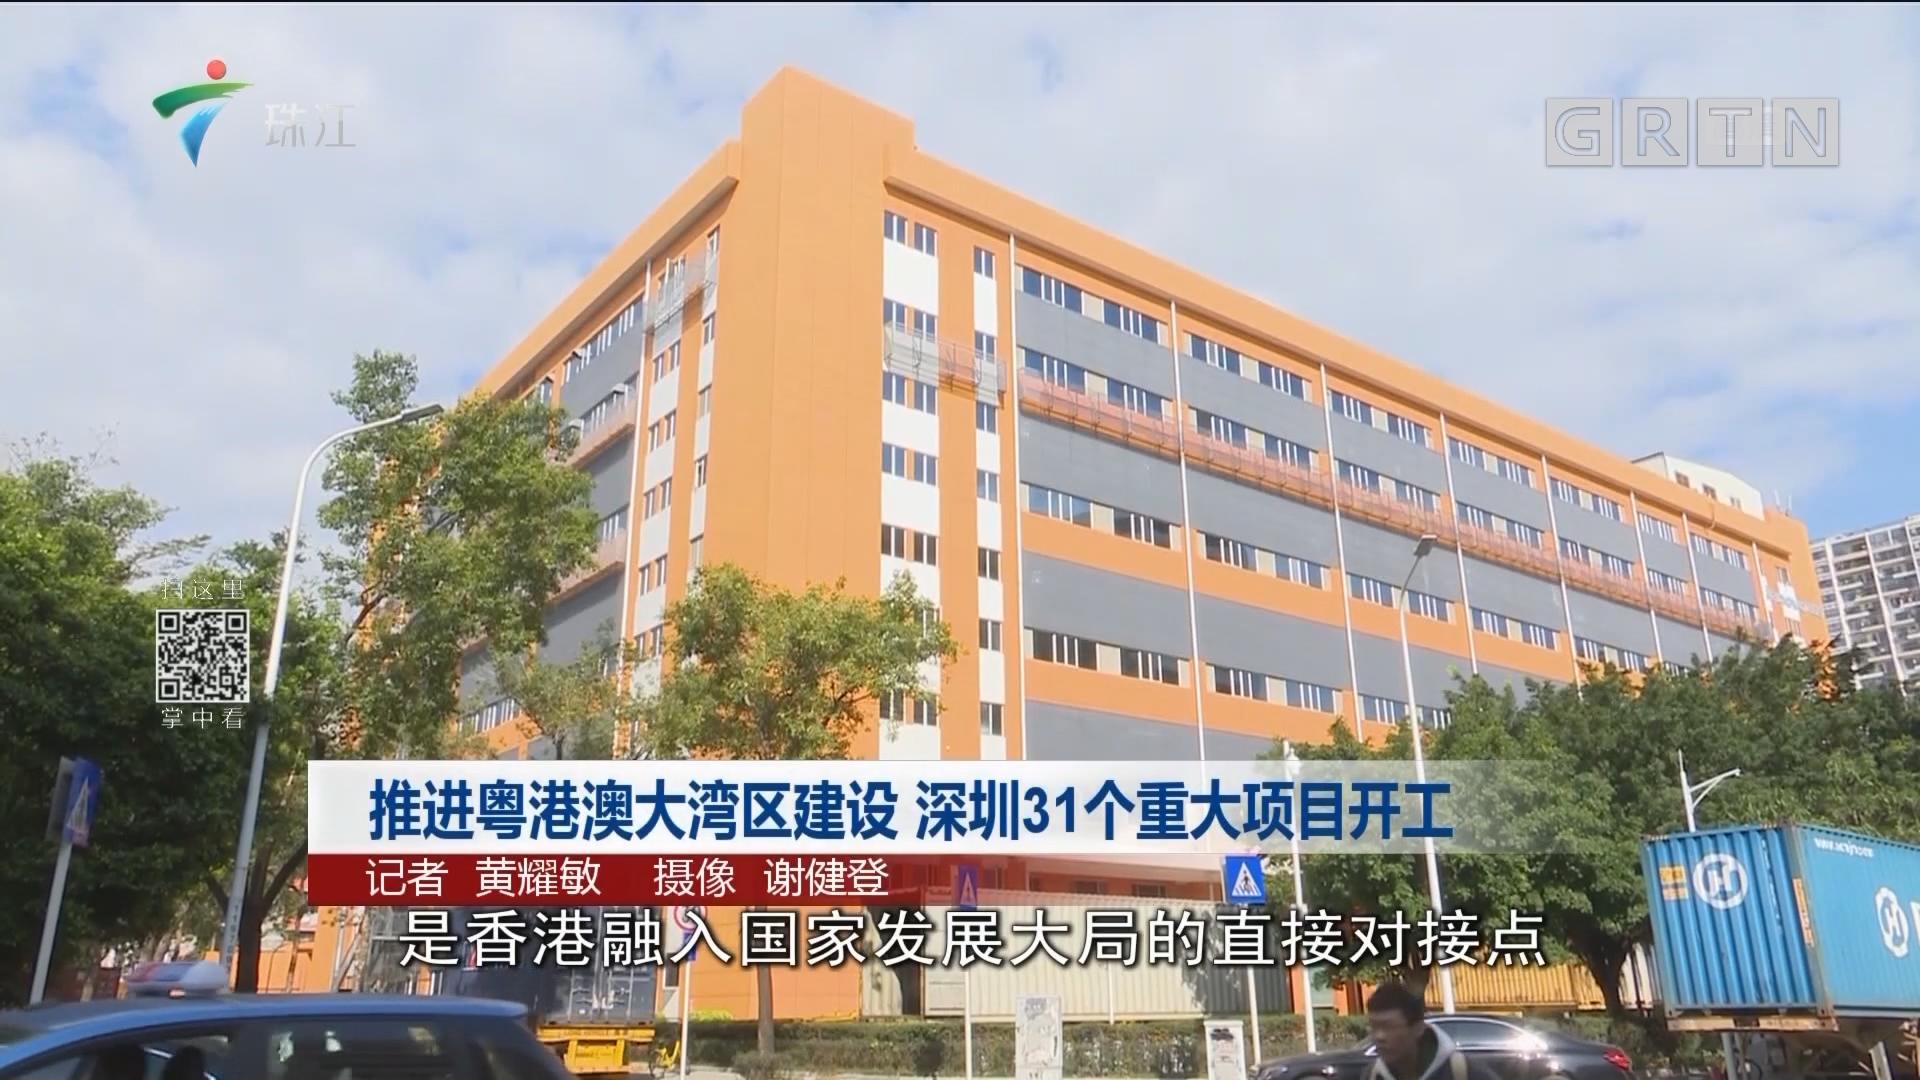 推进粤港澳大湾区建设 深圳31个重大项目开工